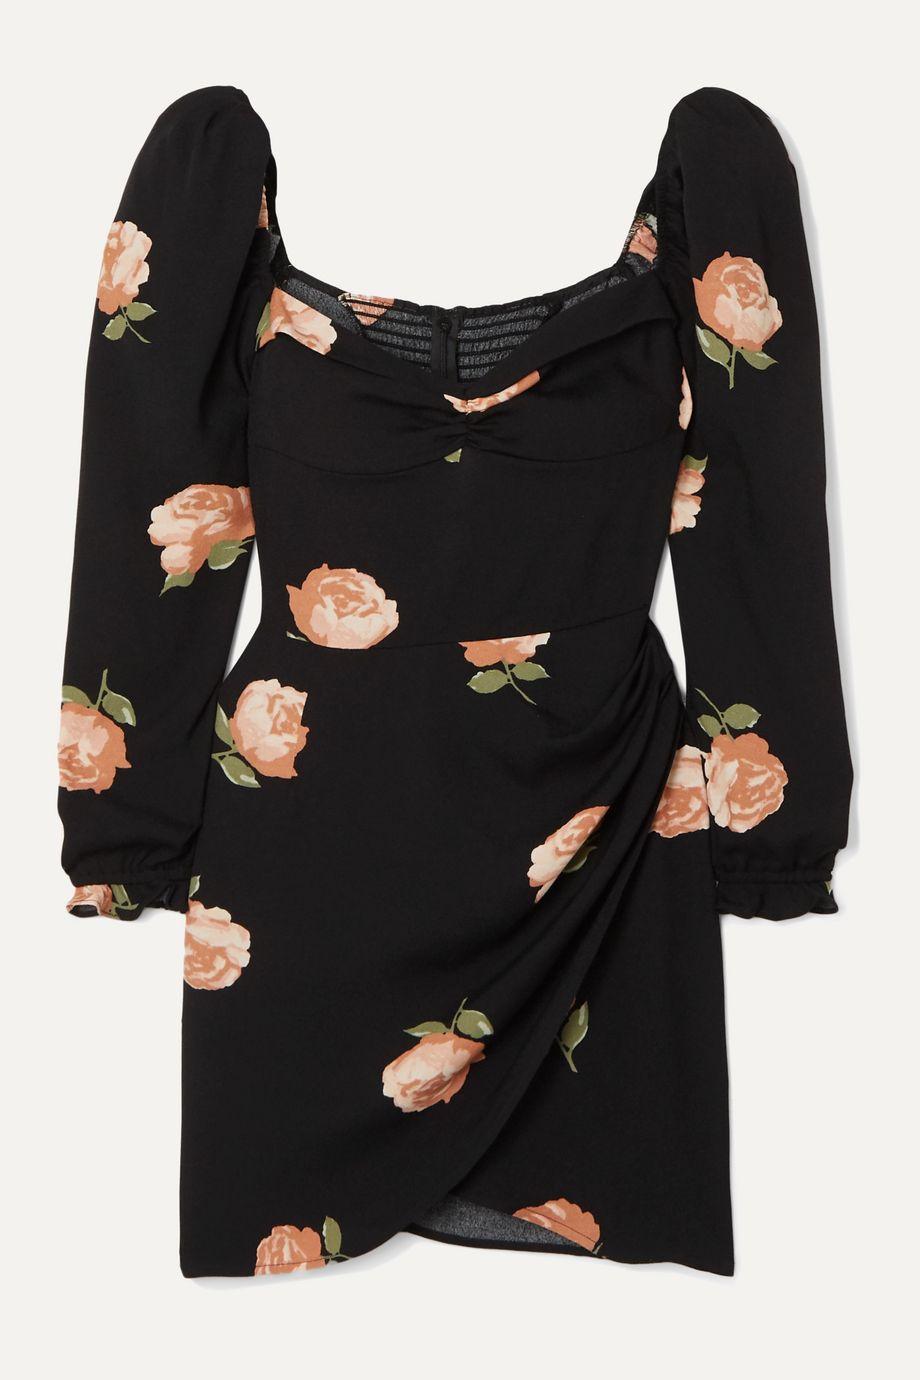 Reformation Mini-robe tissée à imprimé fleuri Amala